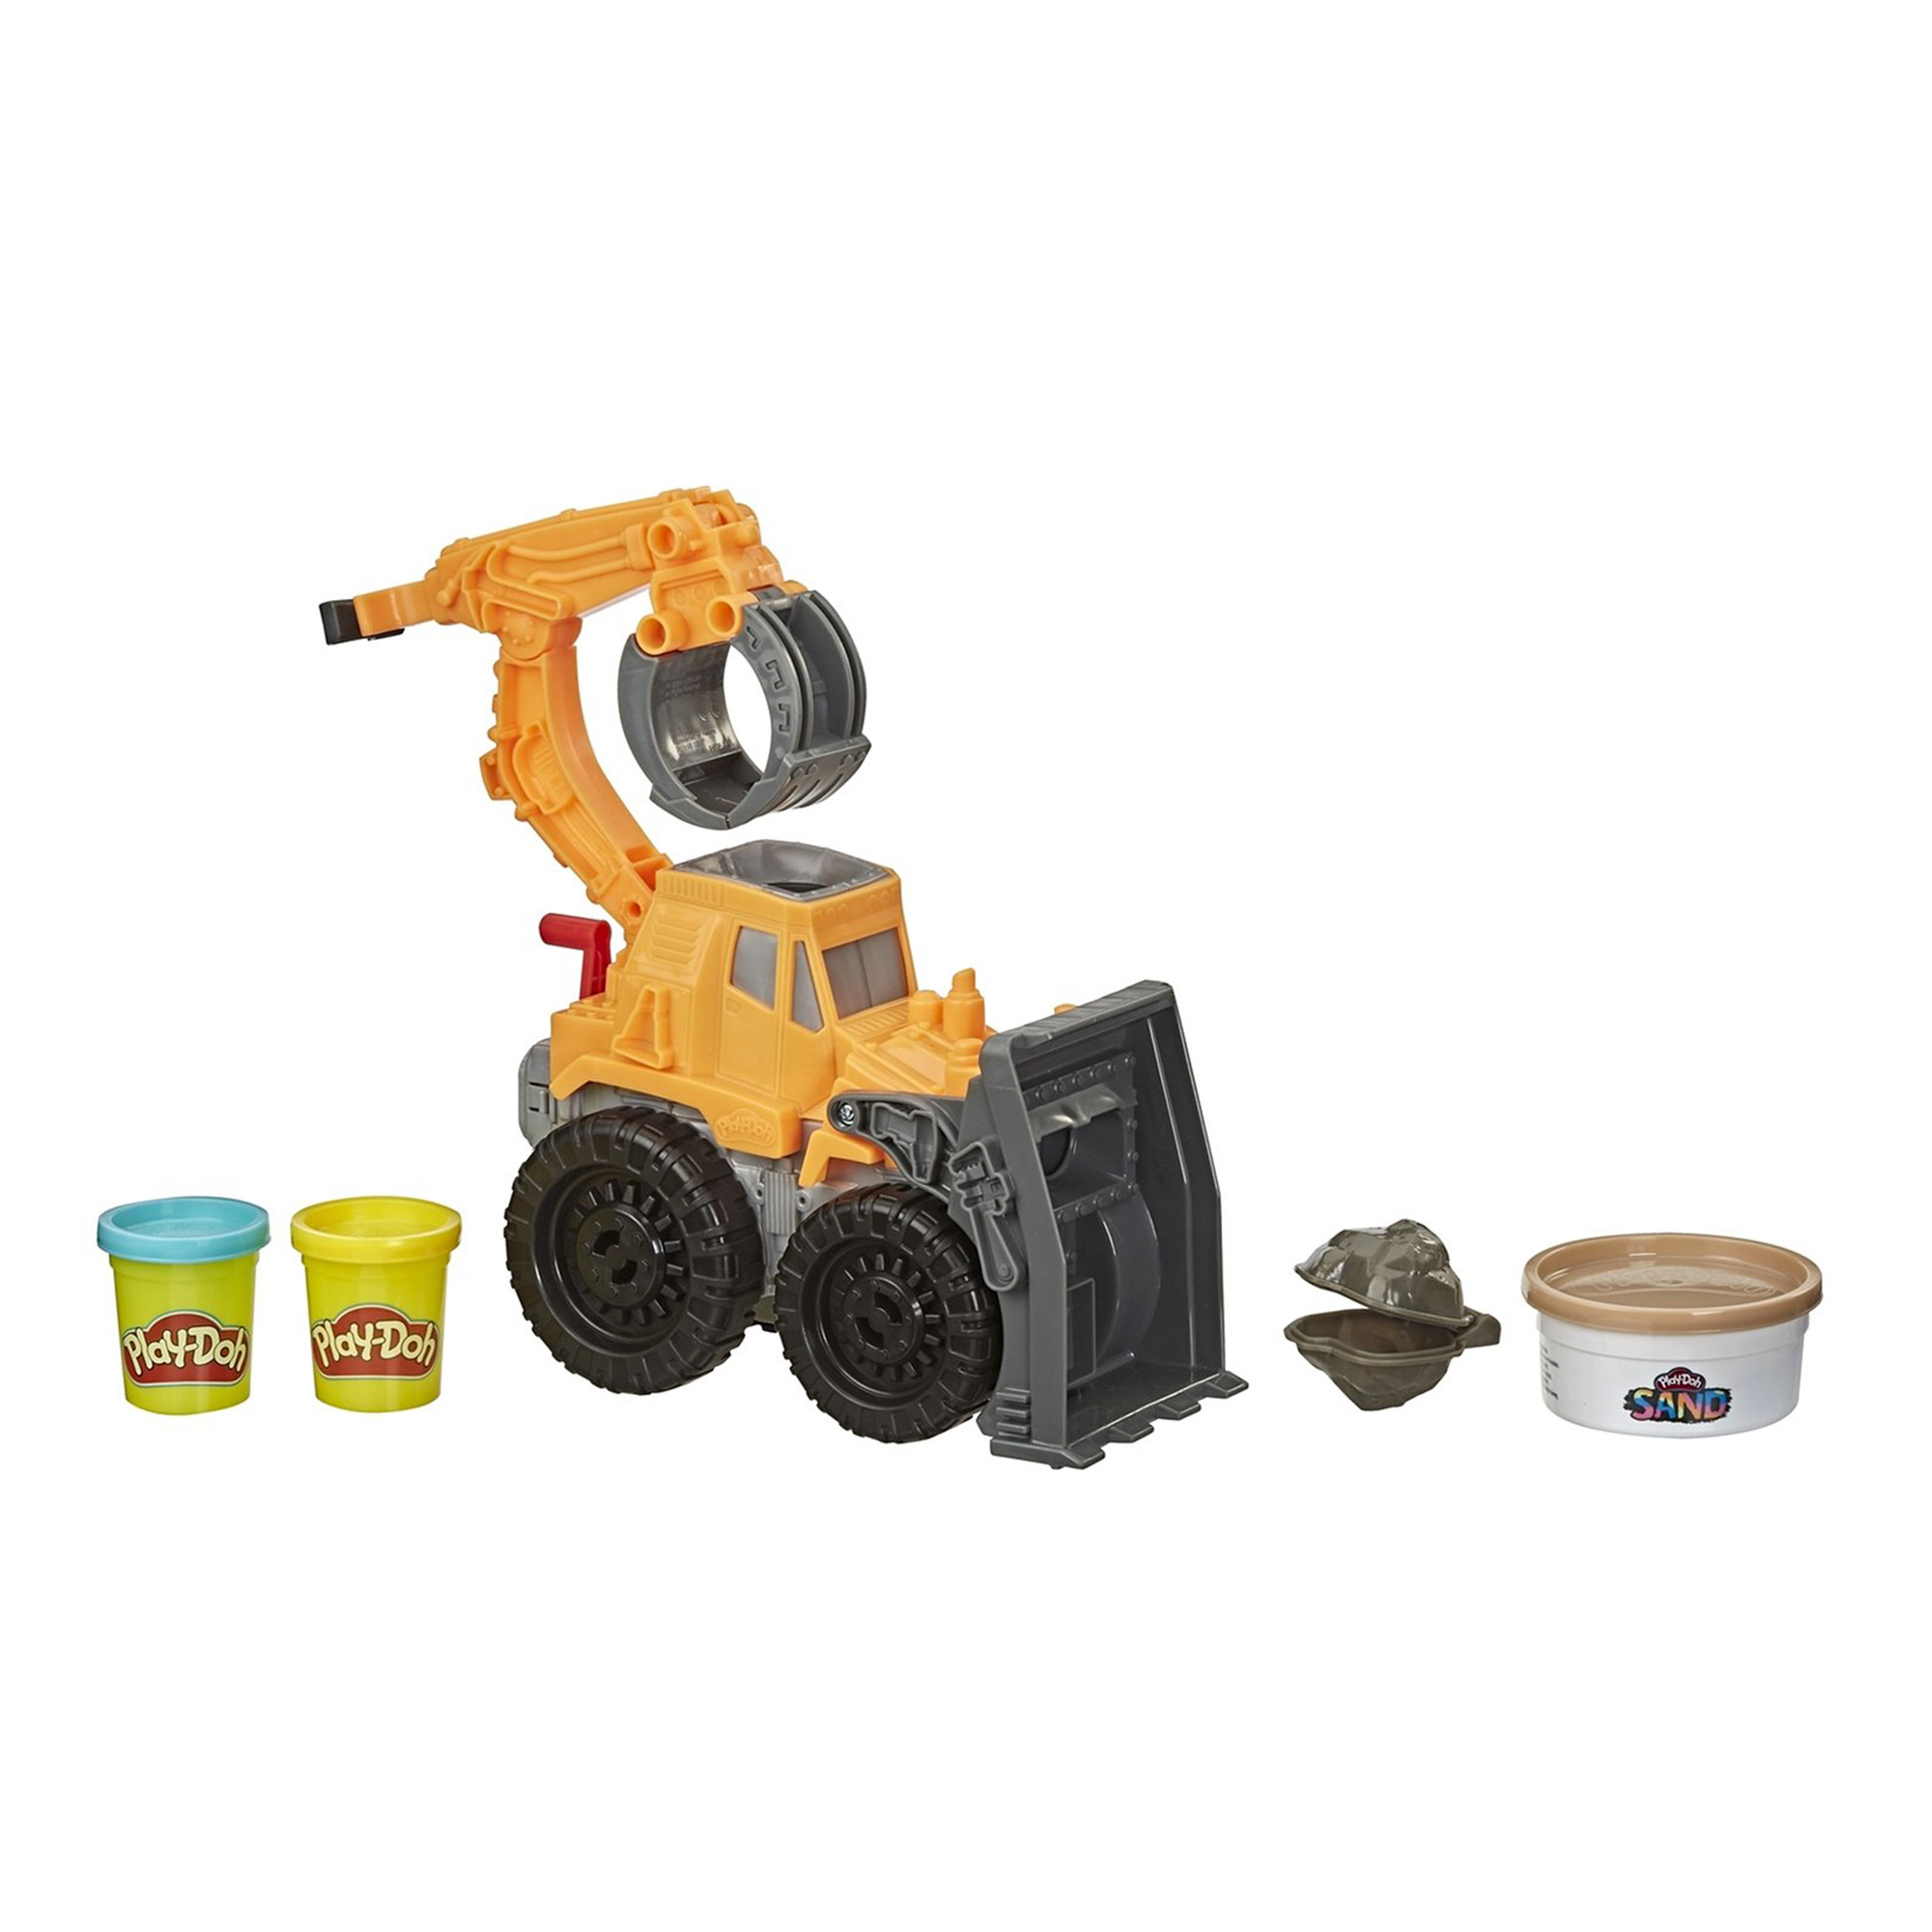 Фото - Набор игровой Play-Doh Wheels Погрузчик игровой набор специальной массы hasbro play doh wheels e4508